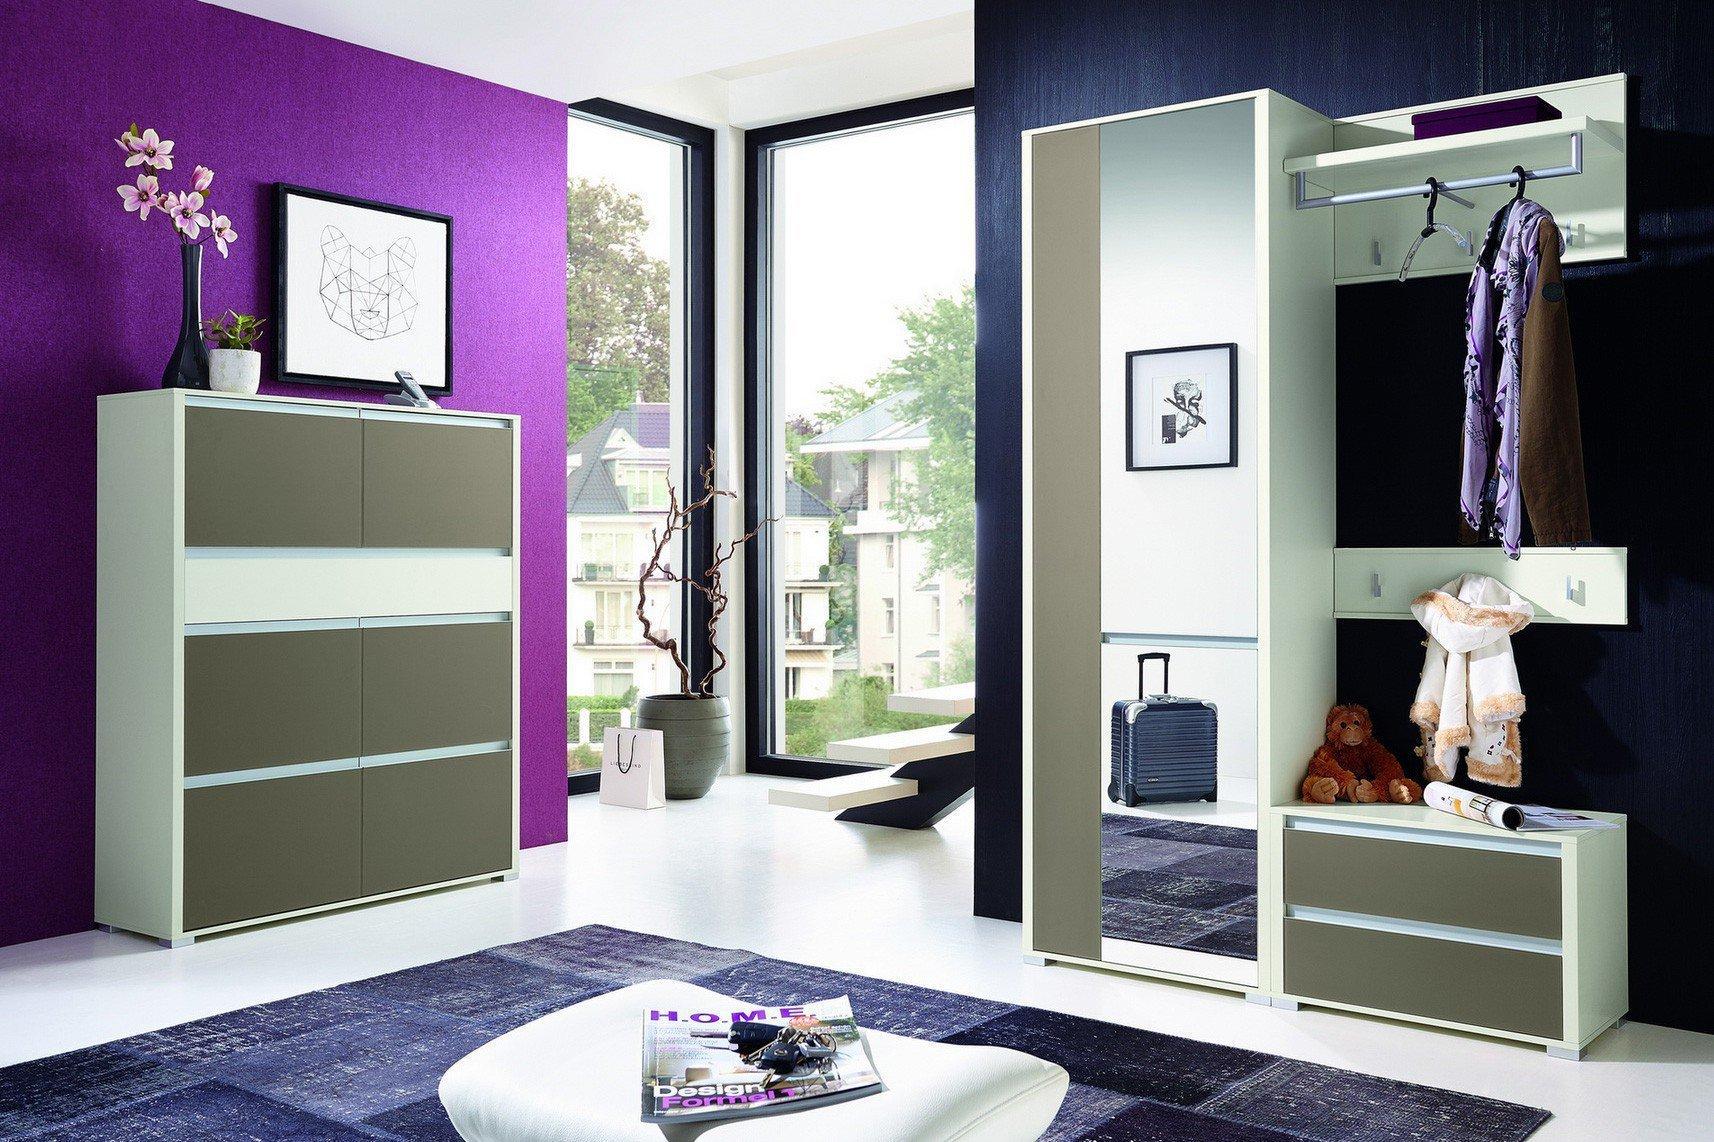 leinkenjost garderobe bari in wei und braune front. Black Bedroom Furniture Sets. Home Design Ideas